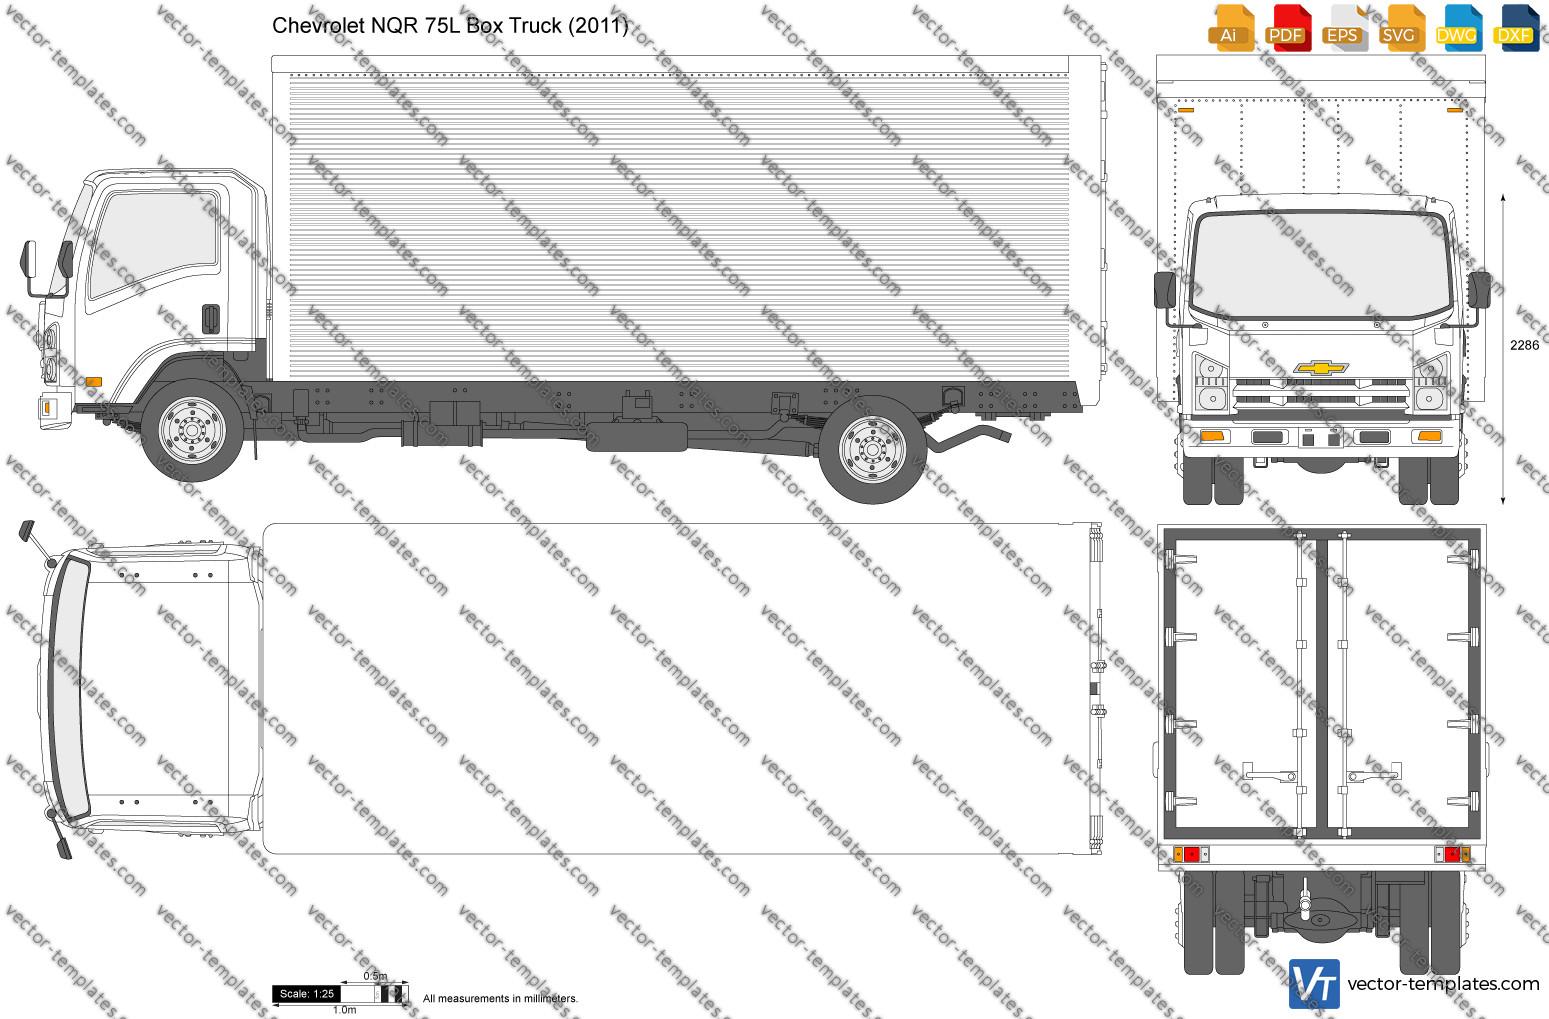 Chevrolet NQR 75L Box Truck 2011